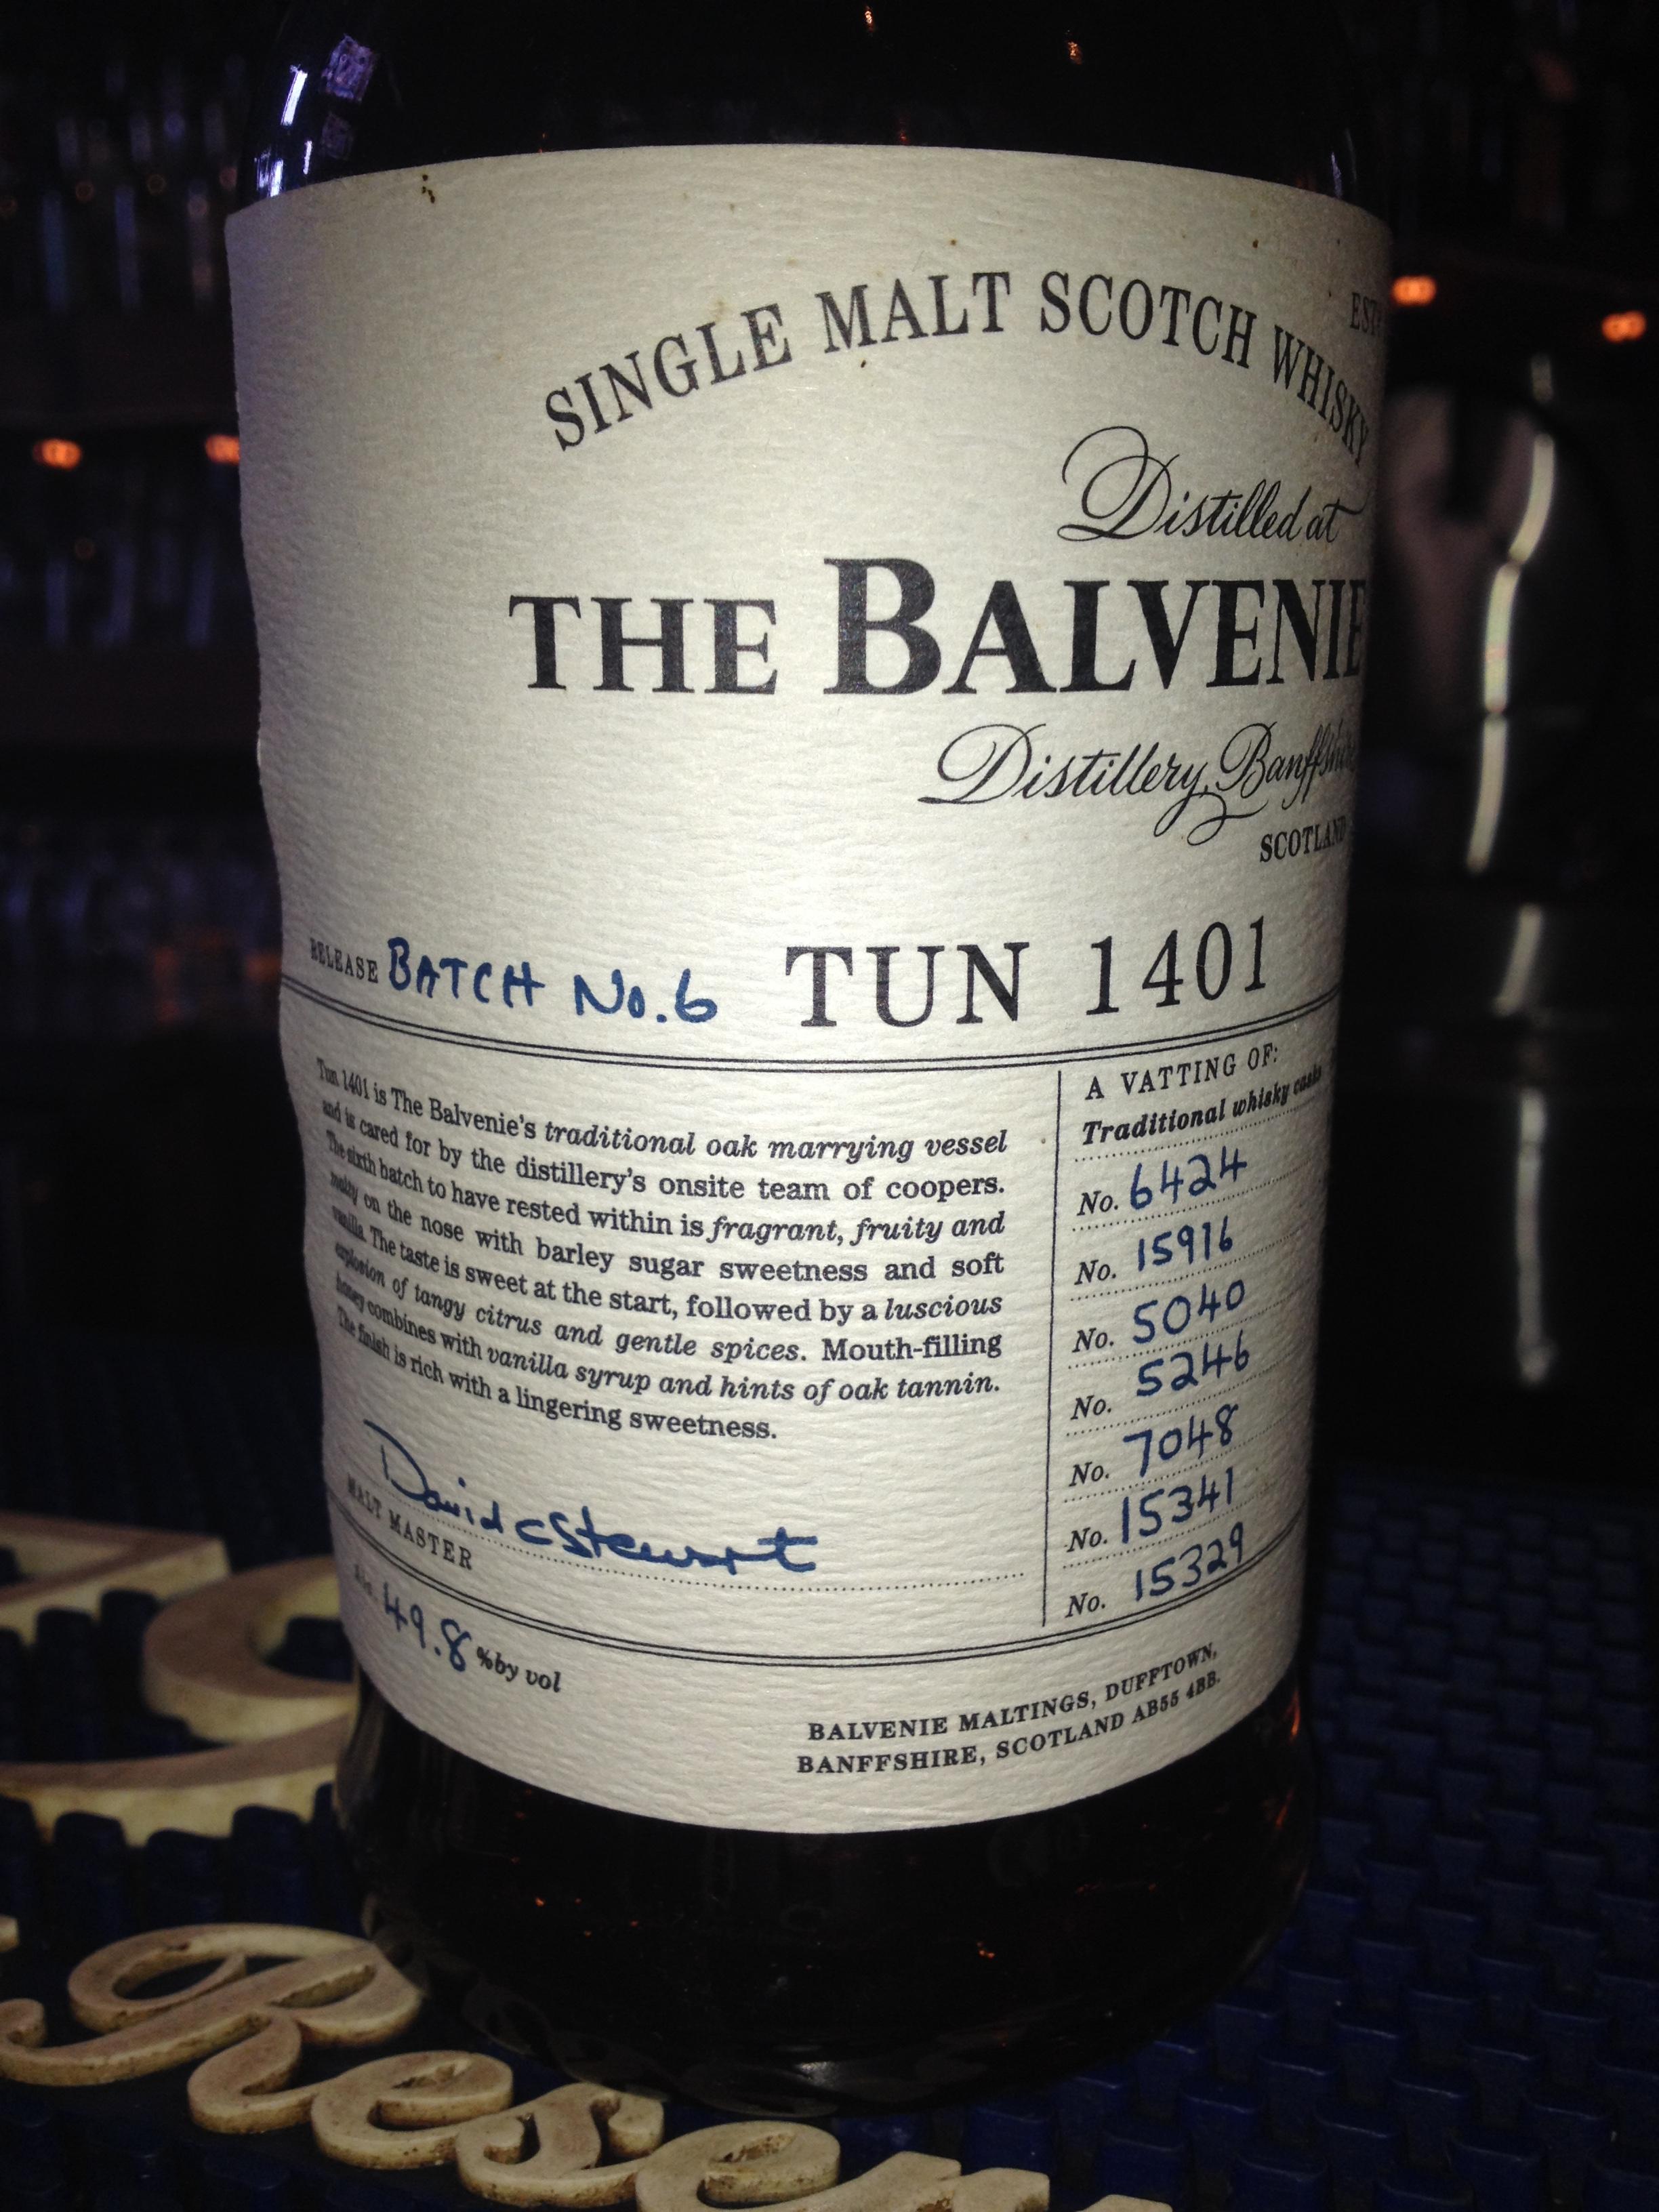 NAS   49.8% ABV - Distillery   Balvenie